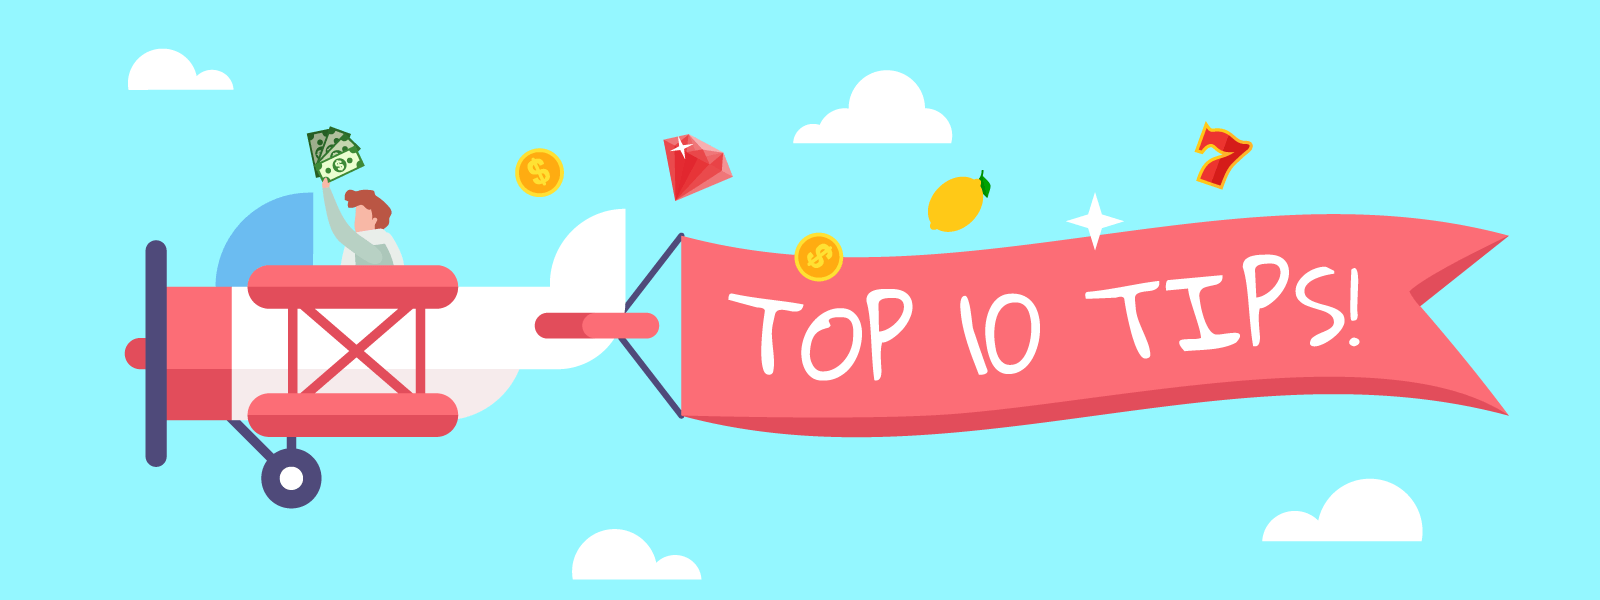 10 tips banner